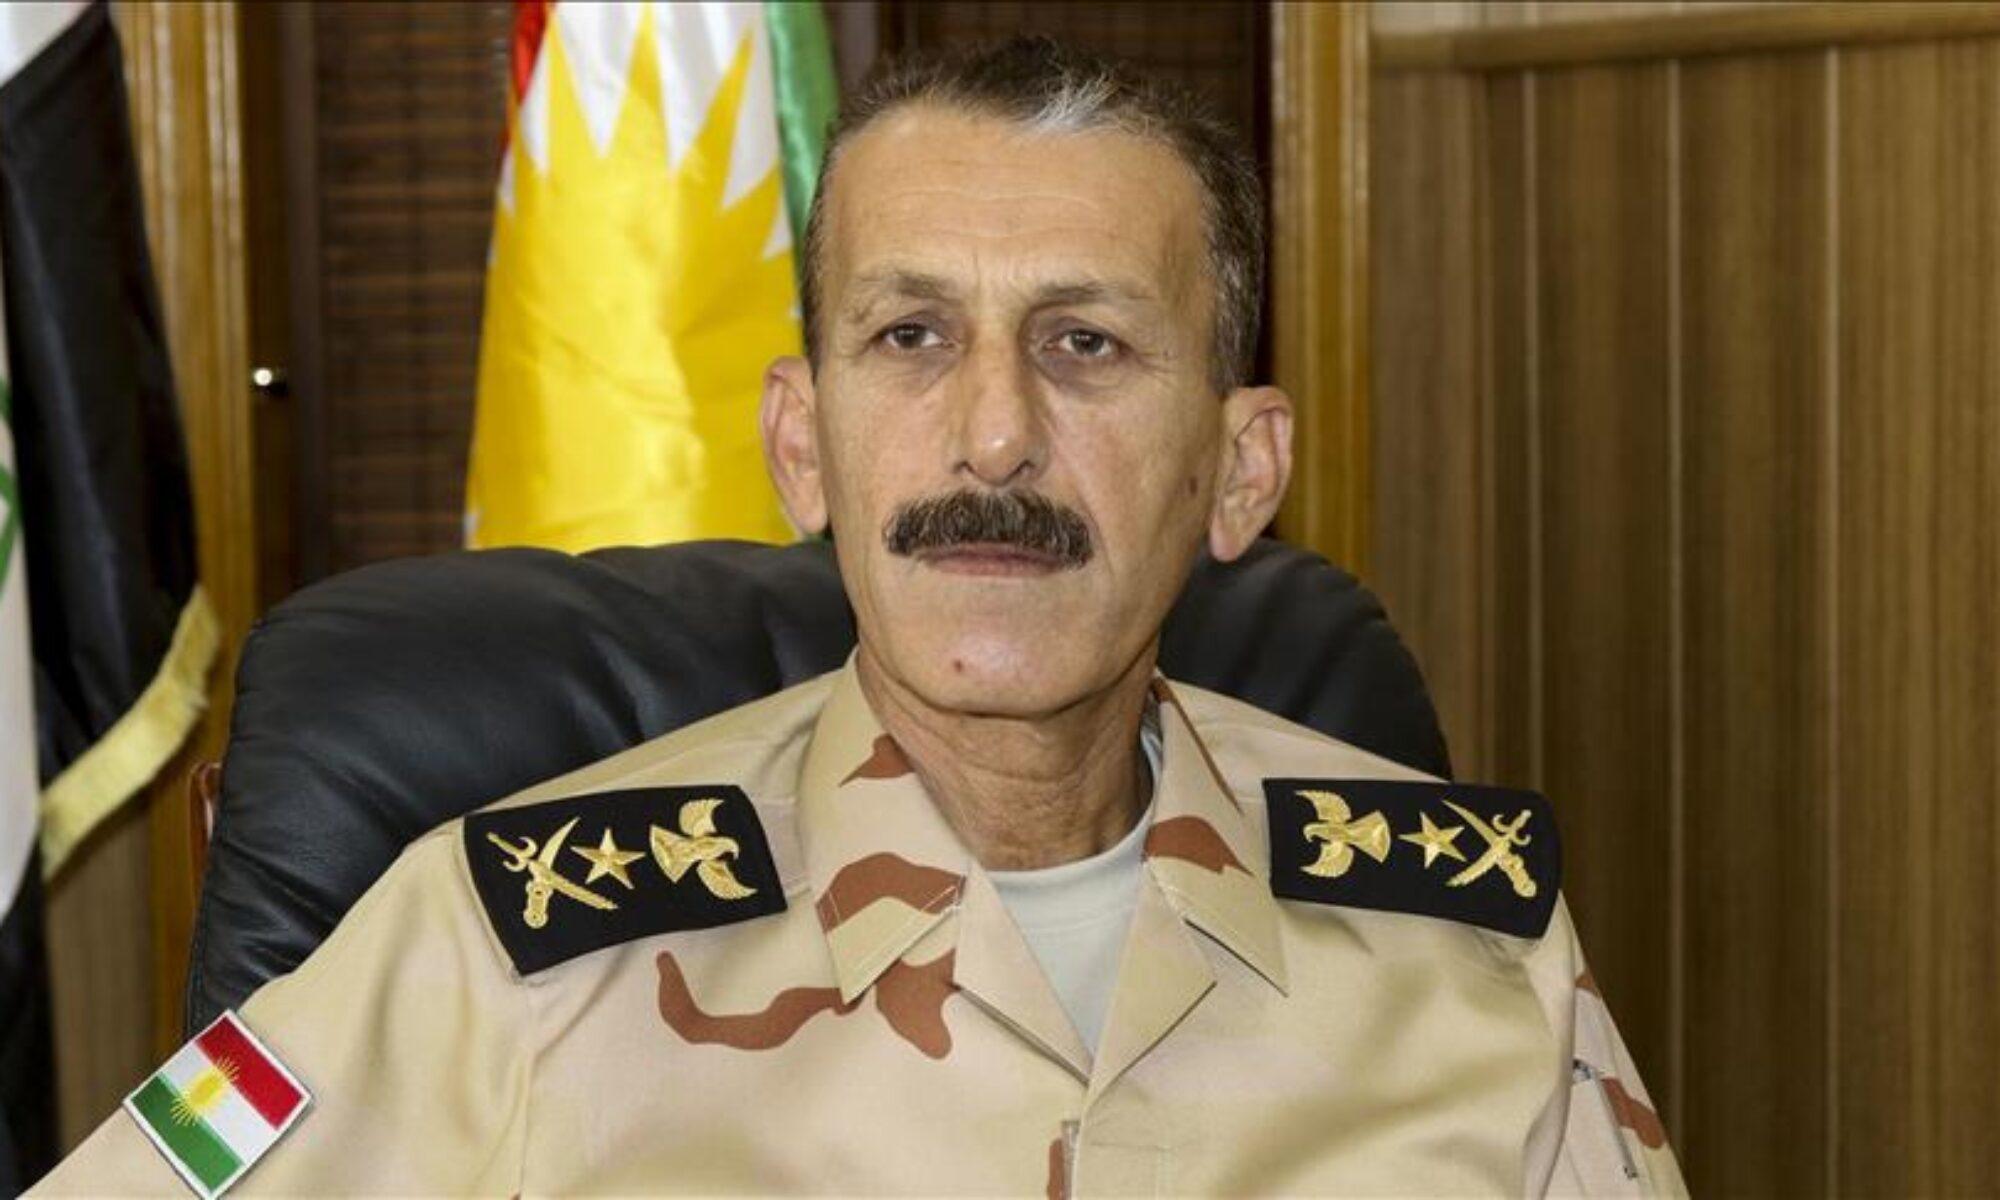 Peşmerge Genelkurmay Başkanı: DAİŞ güvenlik boşluğundan faydalanıyor